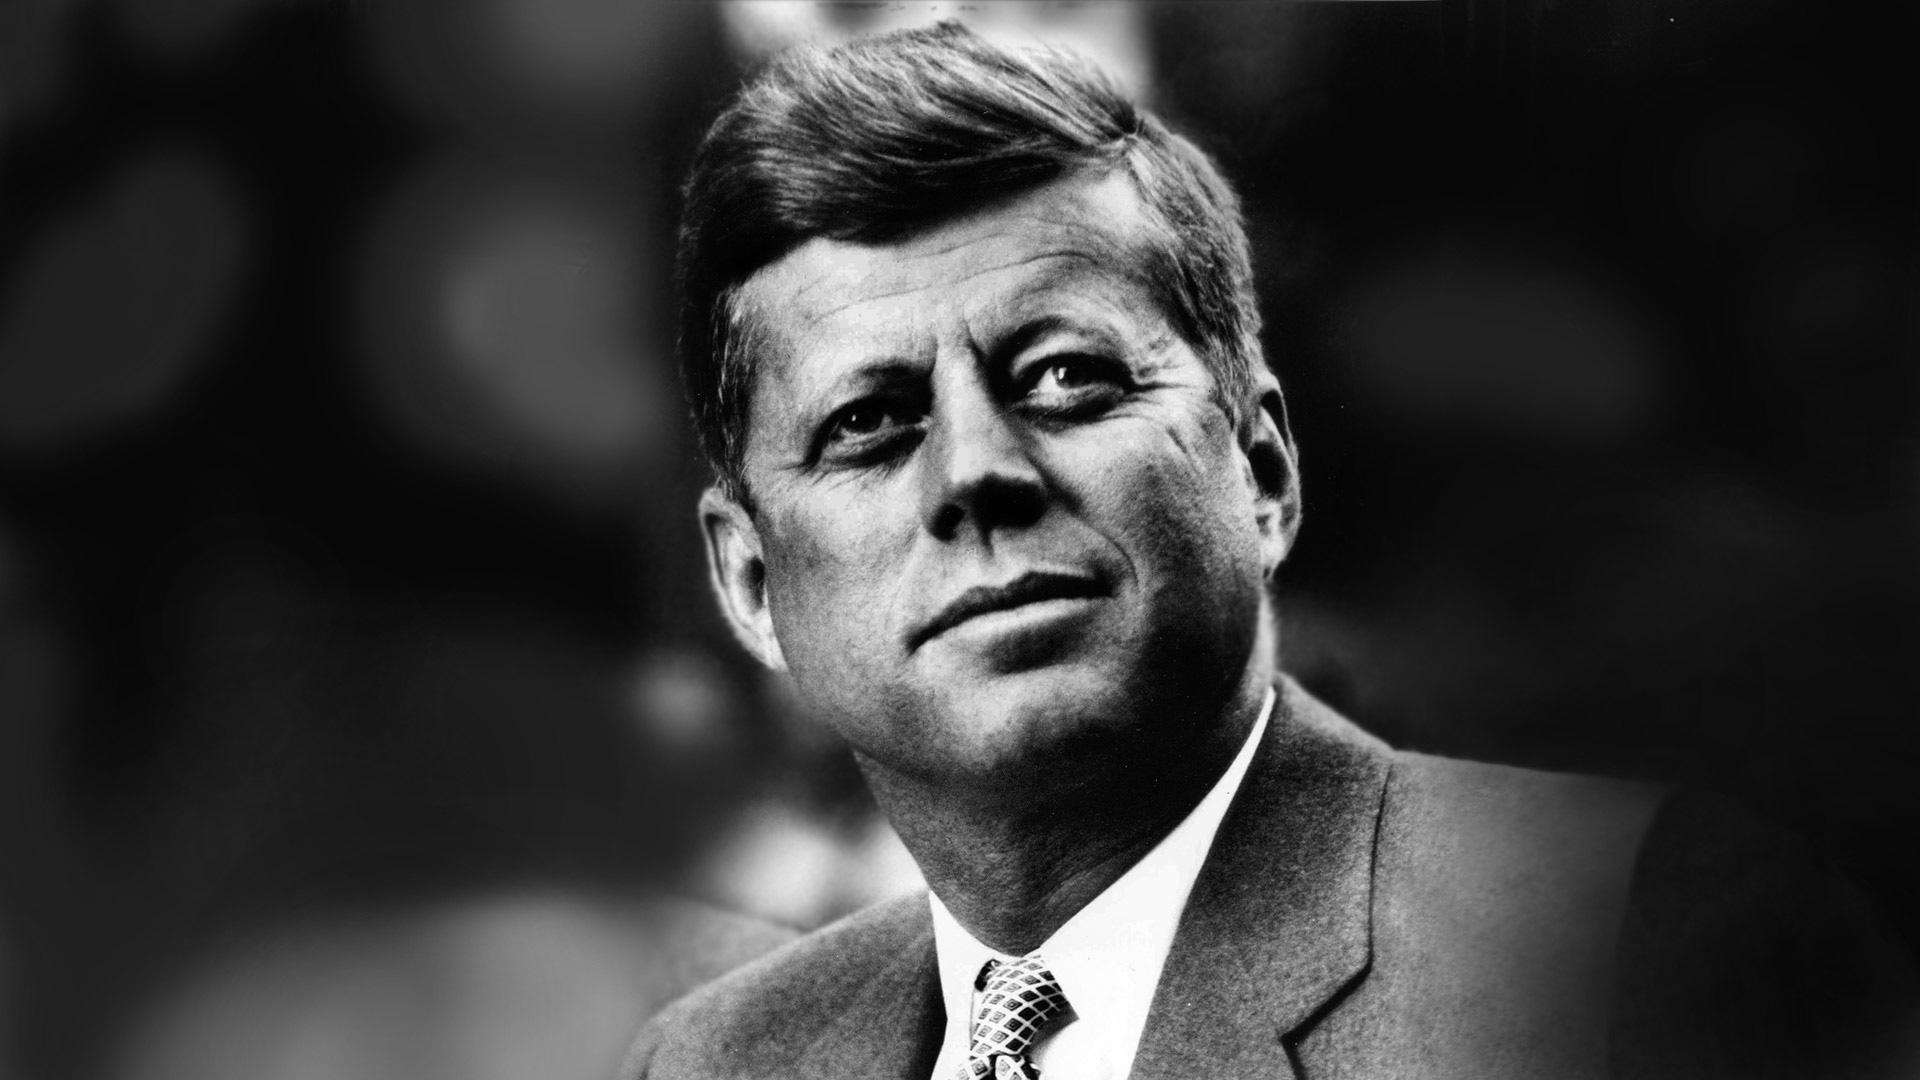 VIDEO: 100 GODINA OD ROĐENJA JFK-a Zanimaju li vas Kennedyeve kupaće gaće i švercane cigare?